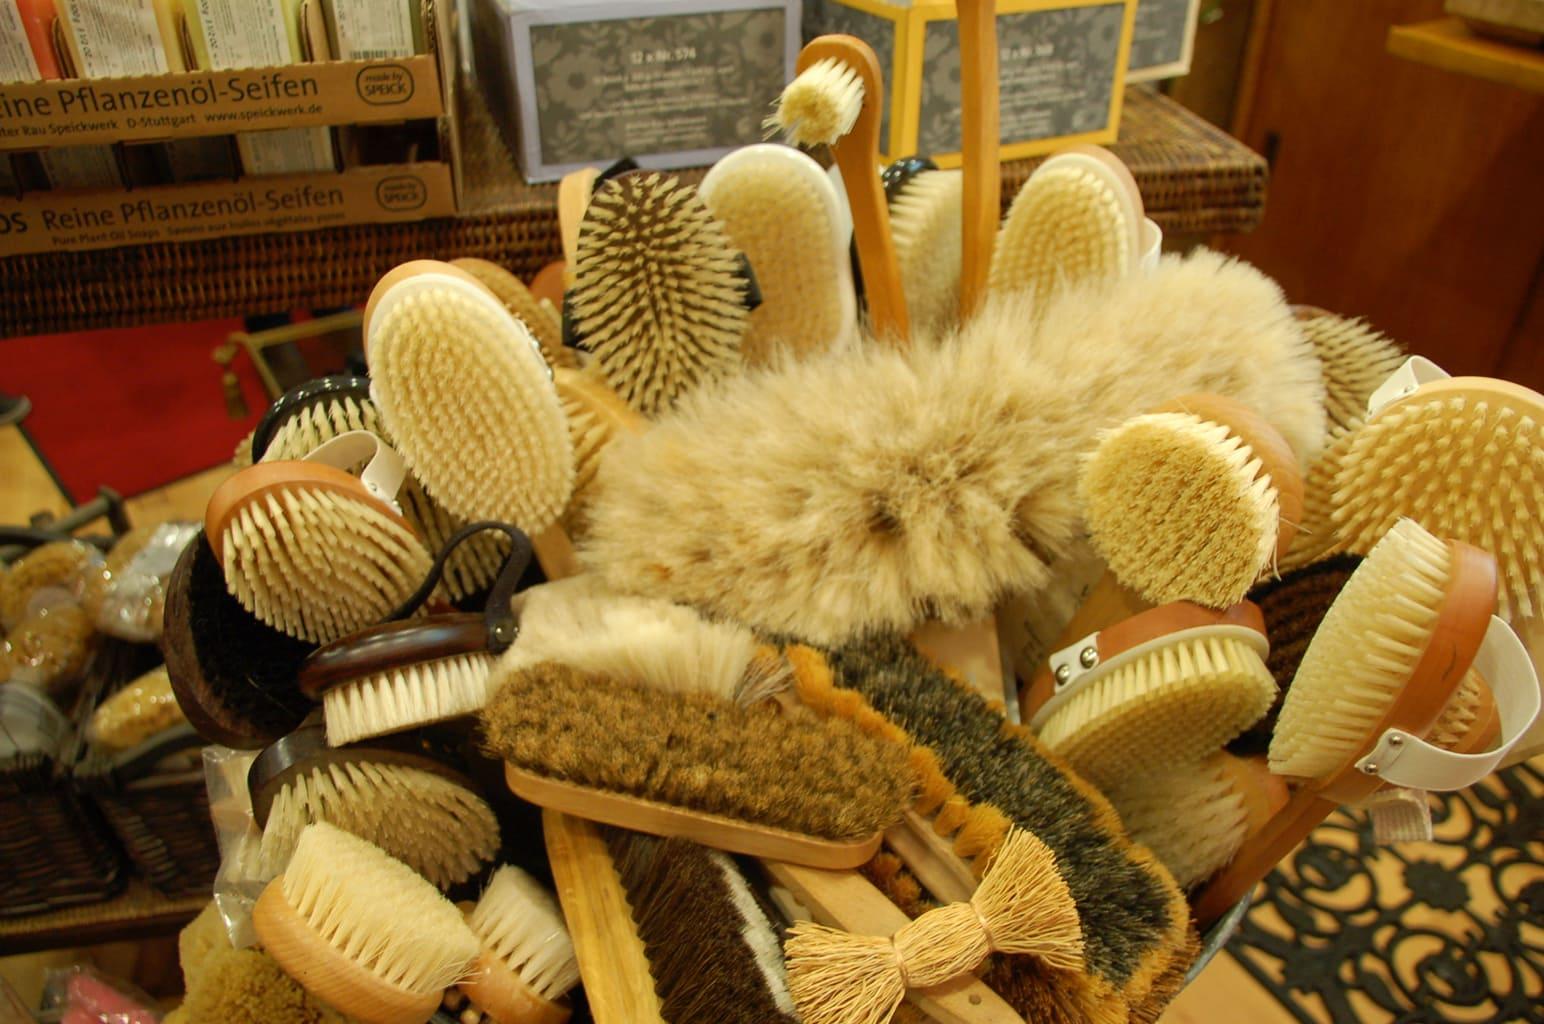 Handgemaakte borstels van de manufactuur Ernst in Regensburg